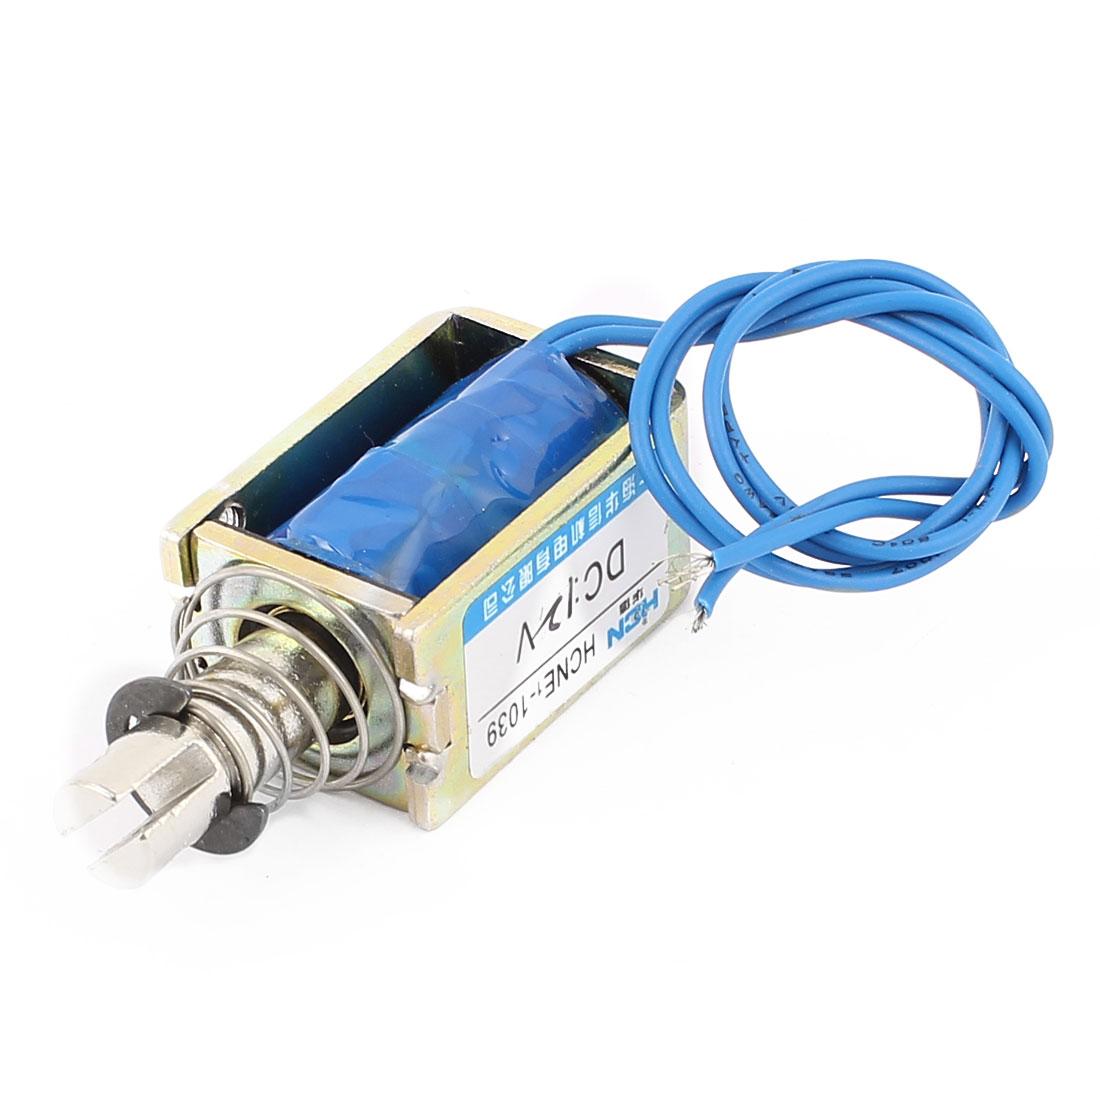 DC 12V 2A 10mm 25N Push Pull Type DIY DC Solenoid Electromagnet Magnet